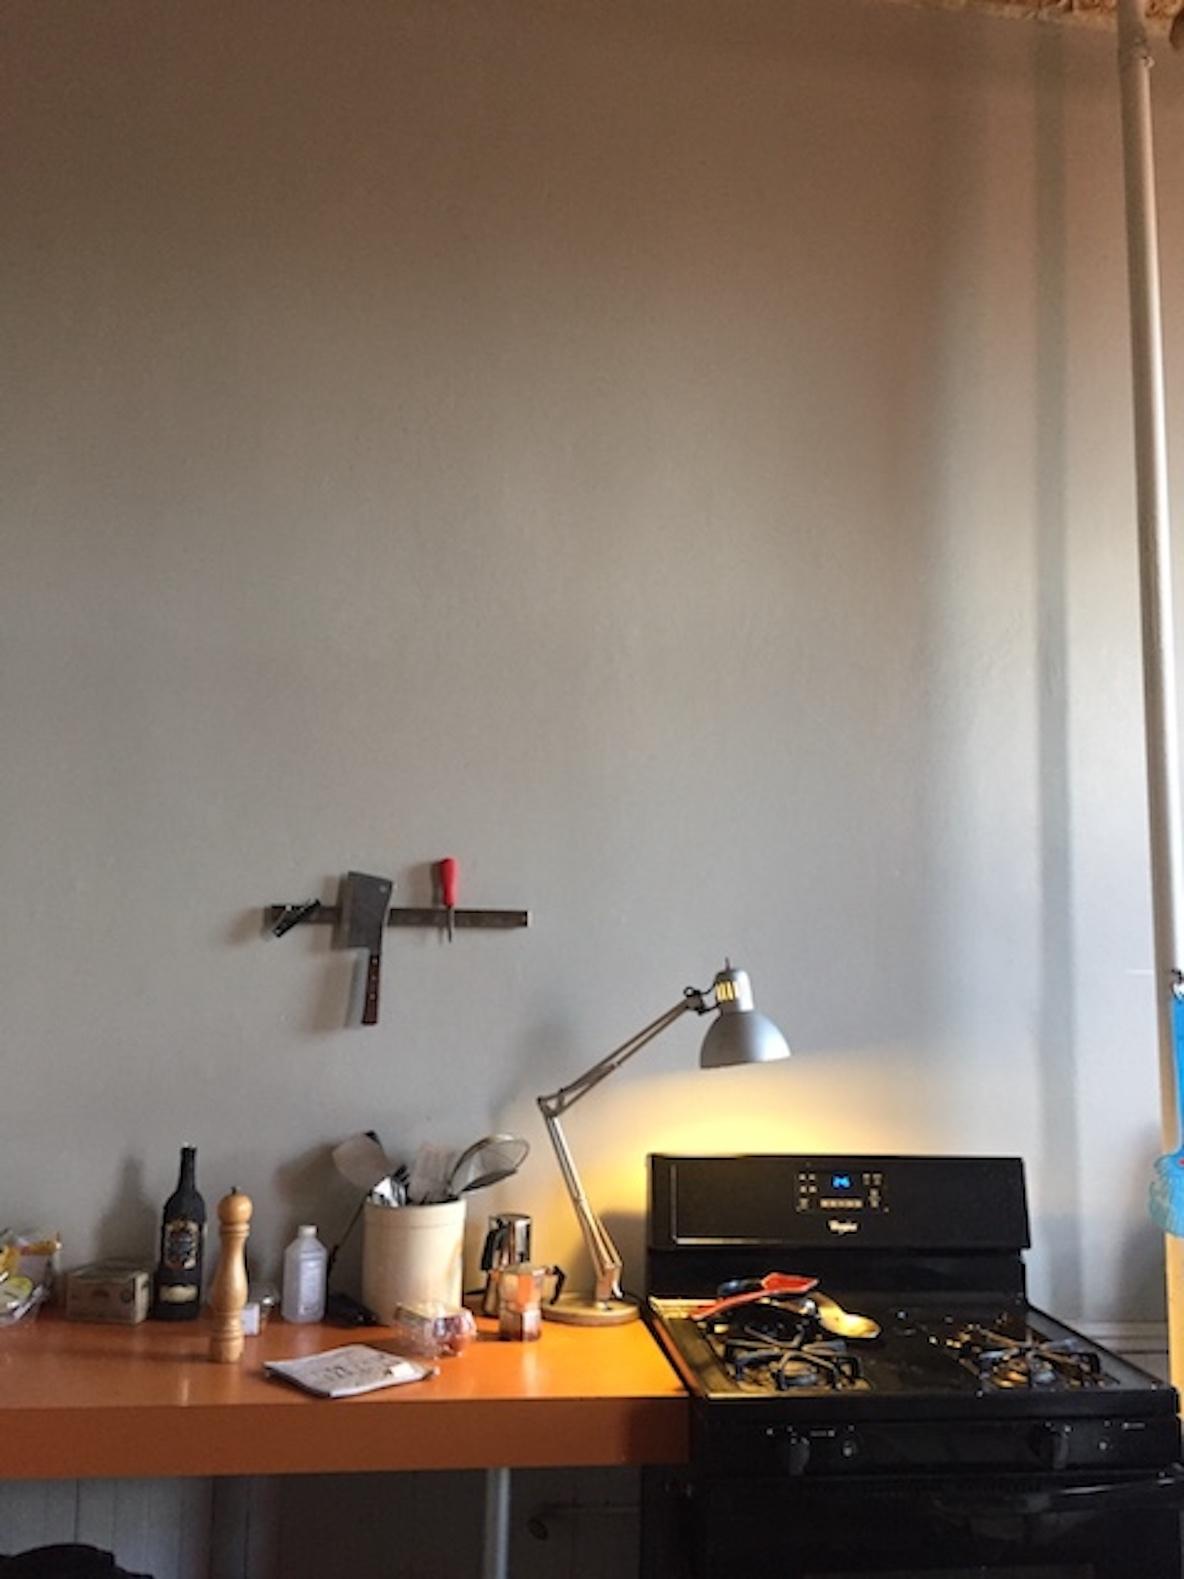 11人のアーティストが暮らす、ニューヨーク・ブルックリンのレトロなアパートメントにあるDJスペース